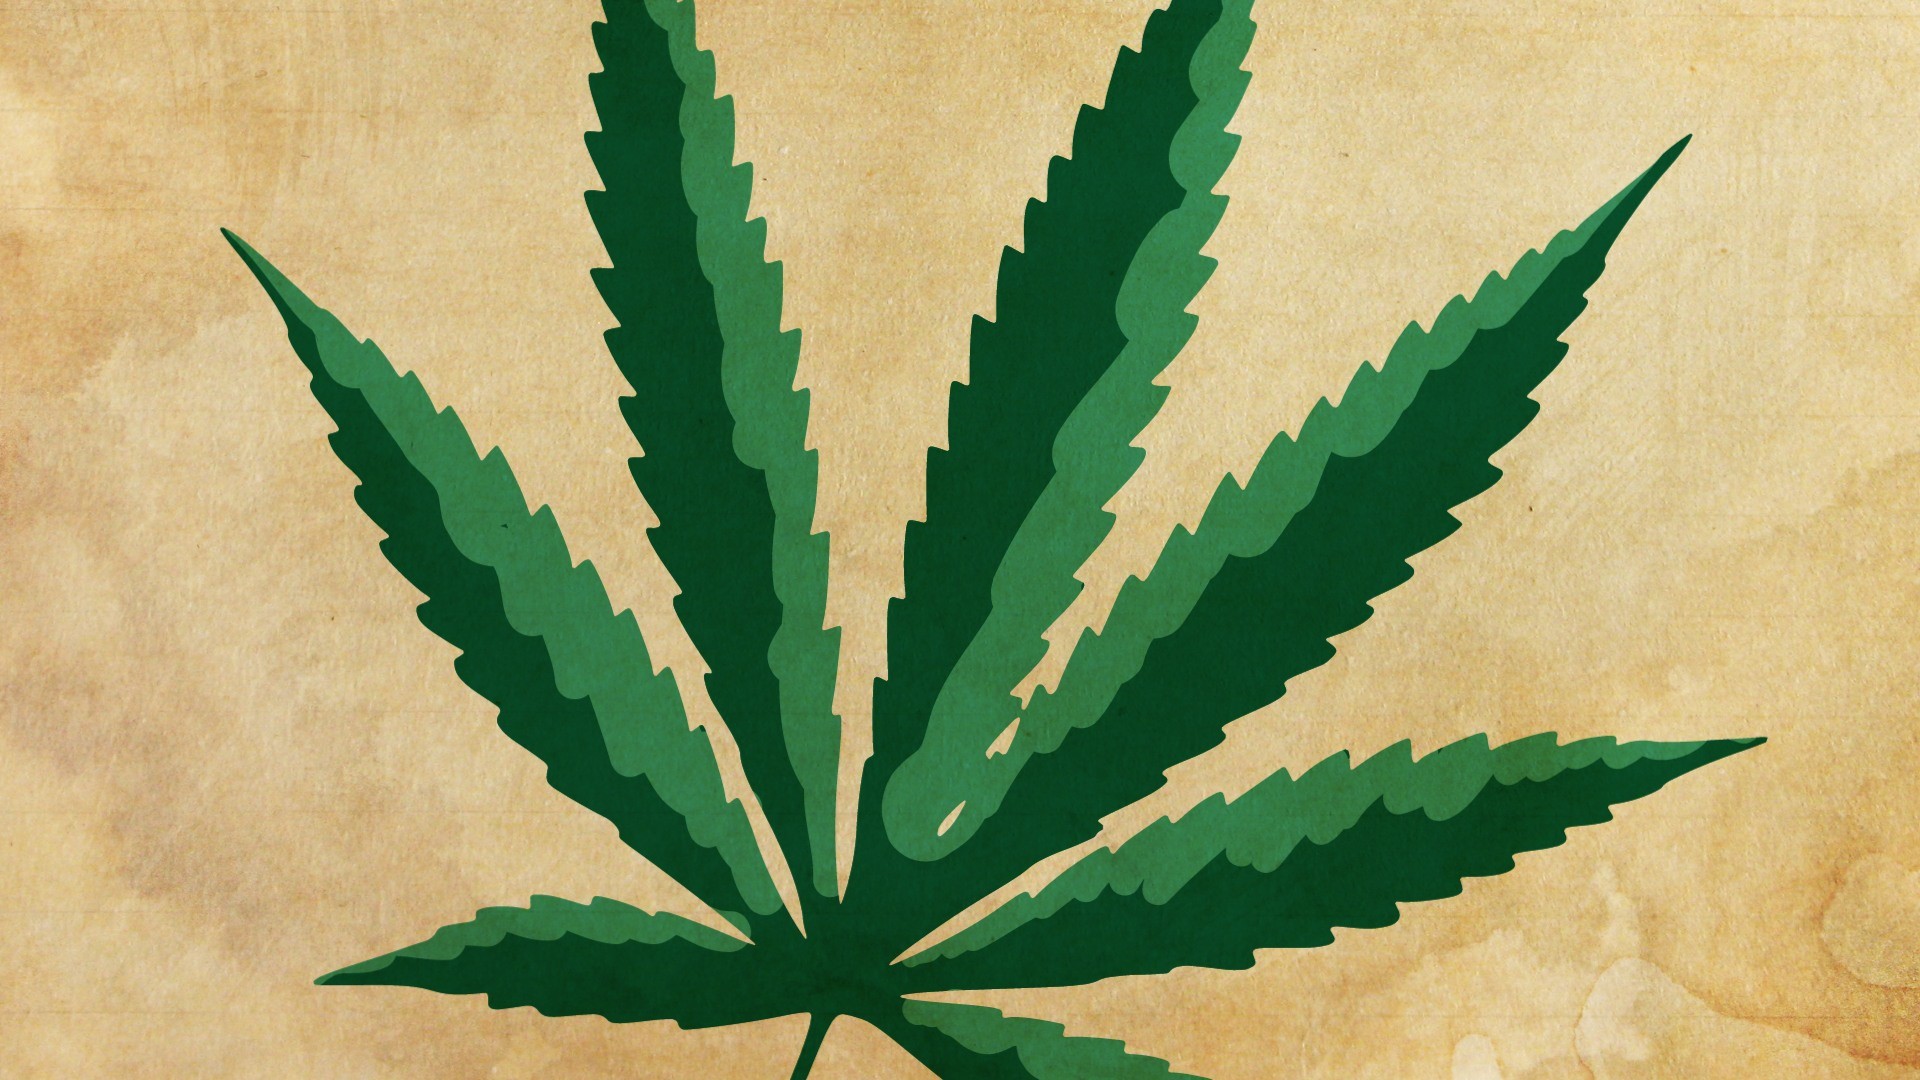 La coltivazione e la detenzione della cannabis è lecita? Una nuova lettura della normativa vigente